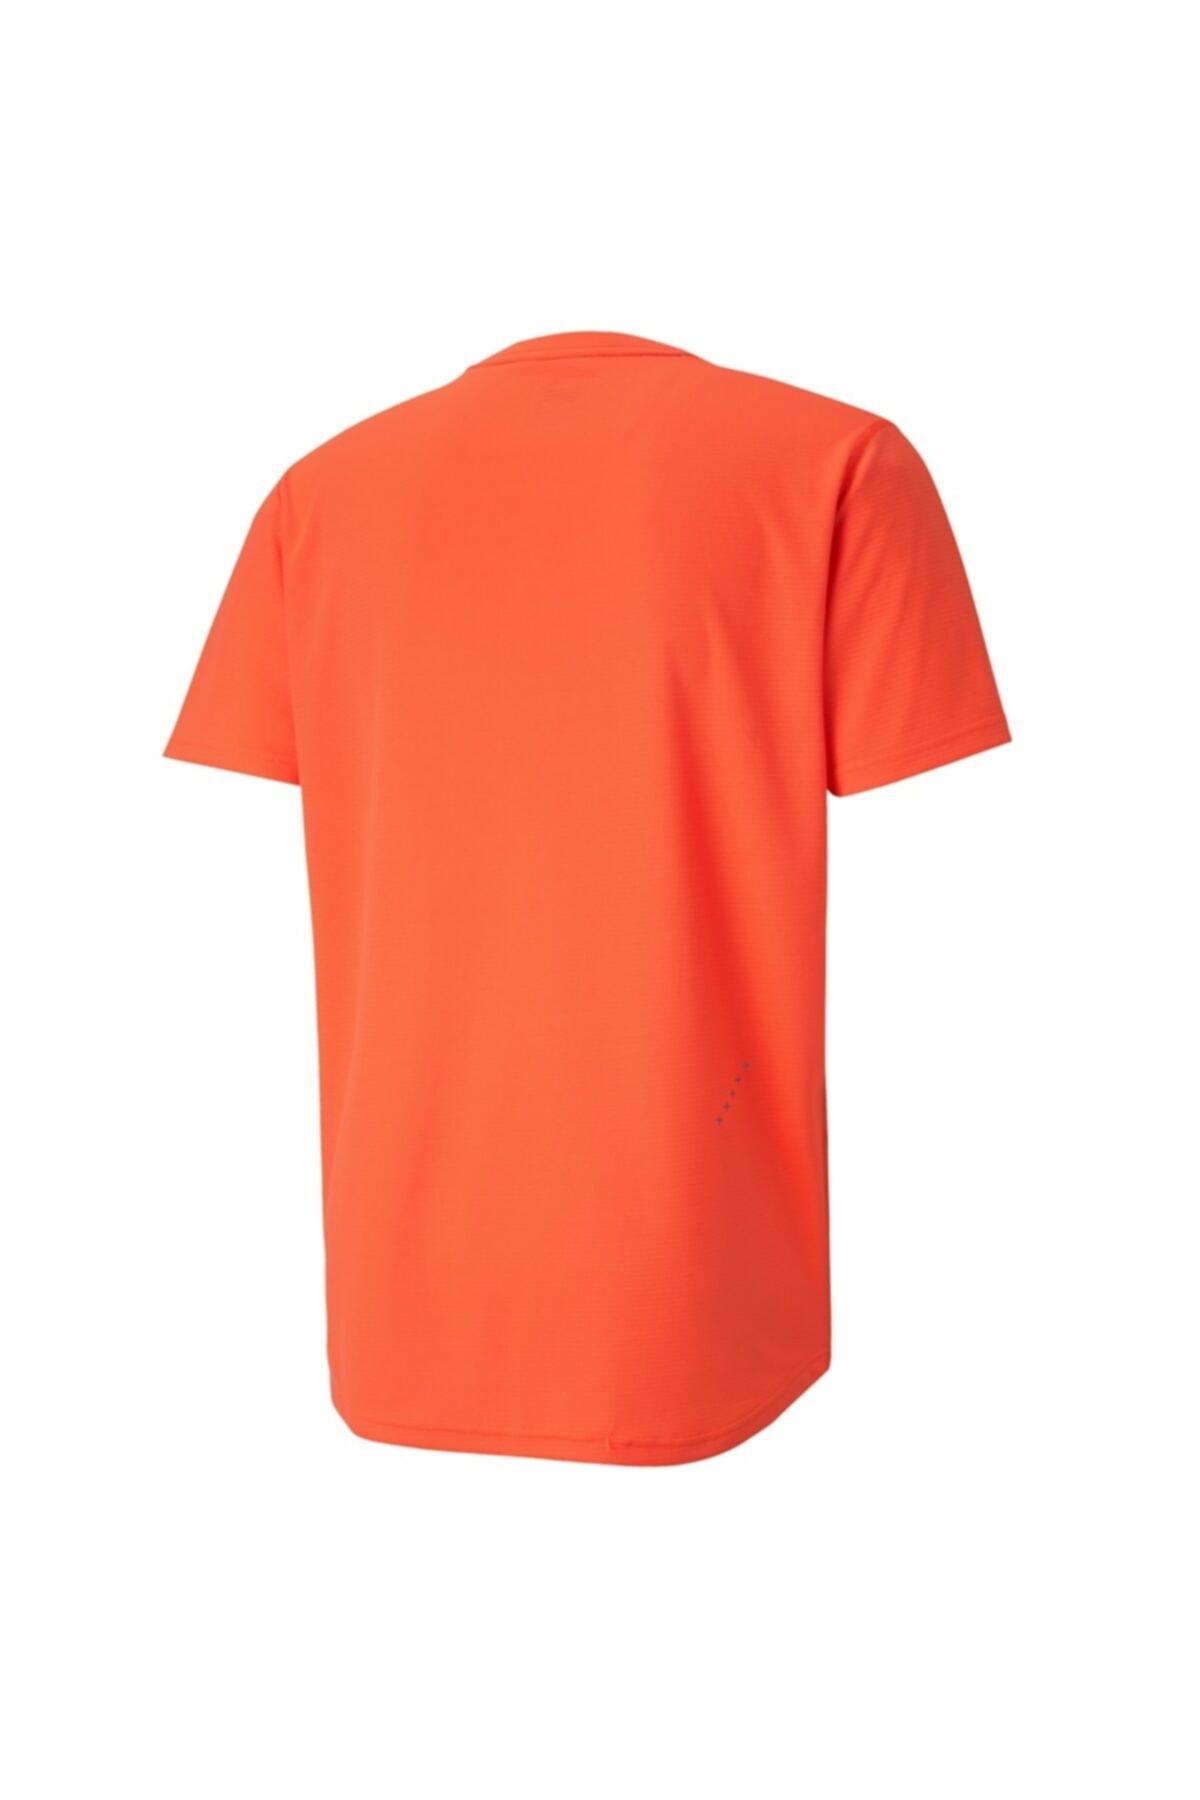 Puma Erkek Turuncu Spor T-shirt 51726834